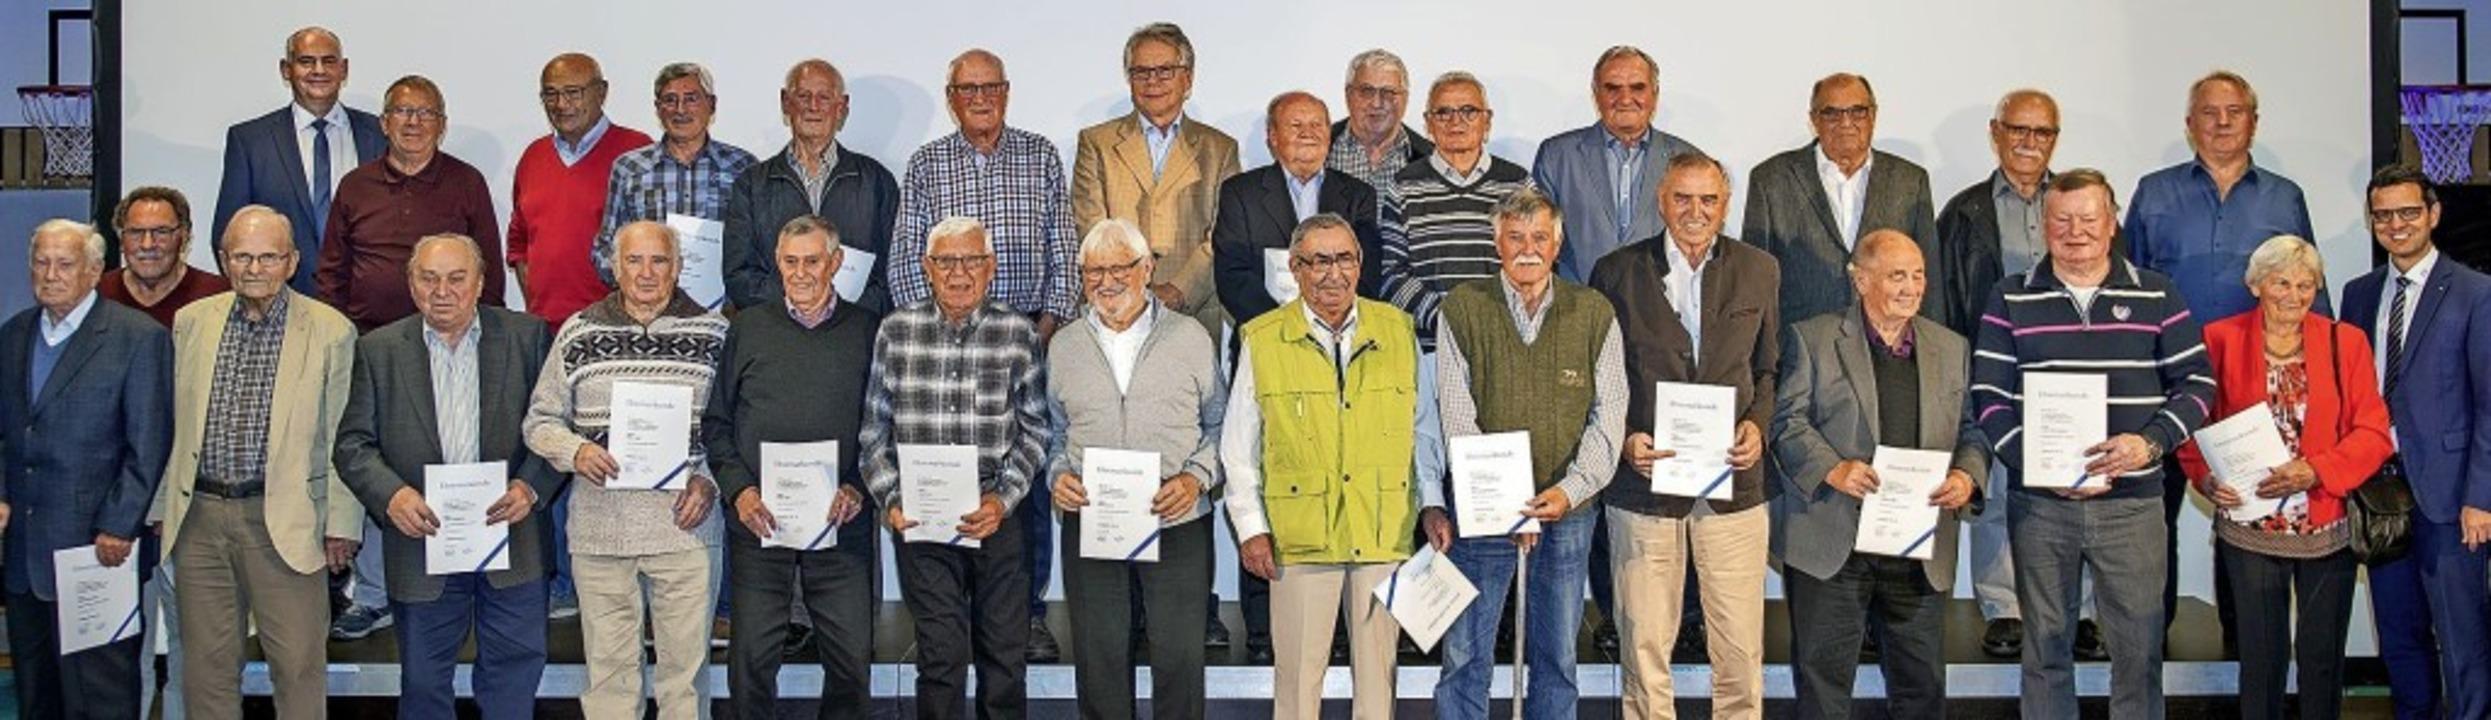 Die Volksbank ehrt für 40, 50 und 60 Jahre Mitgliedschaft.  | Foto: Volksbank